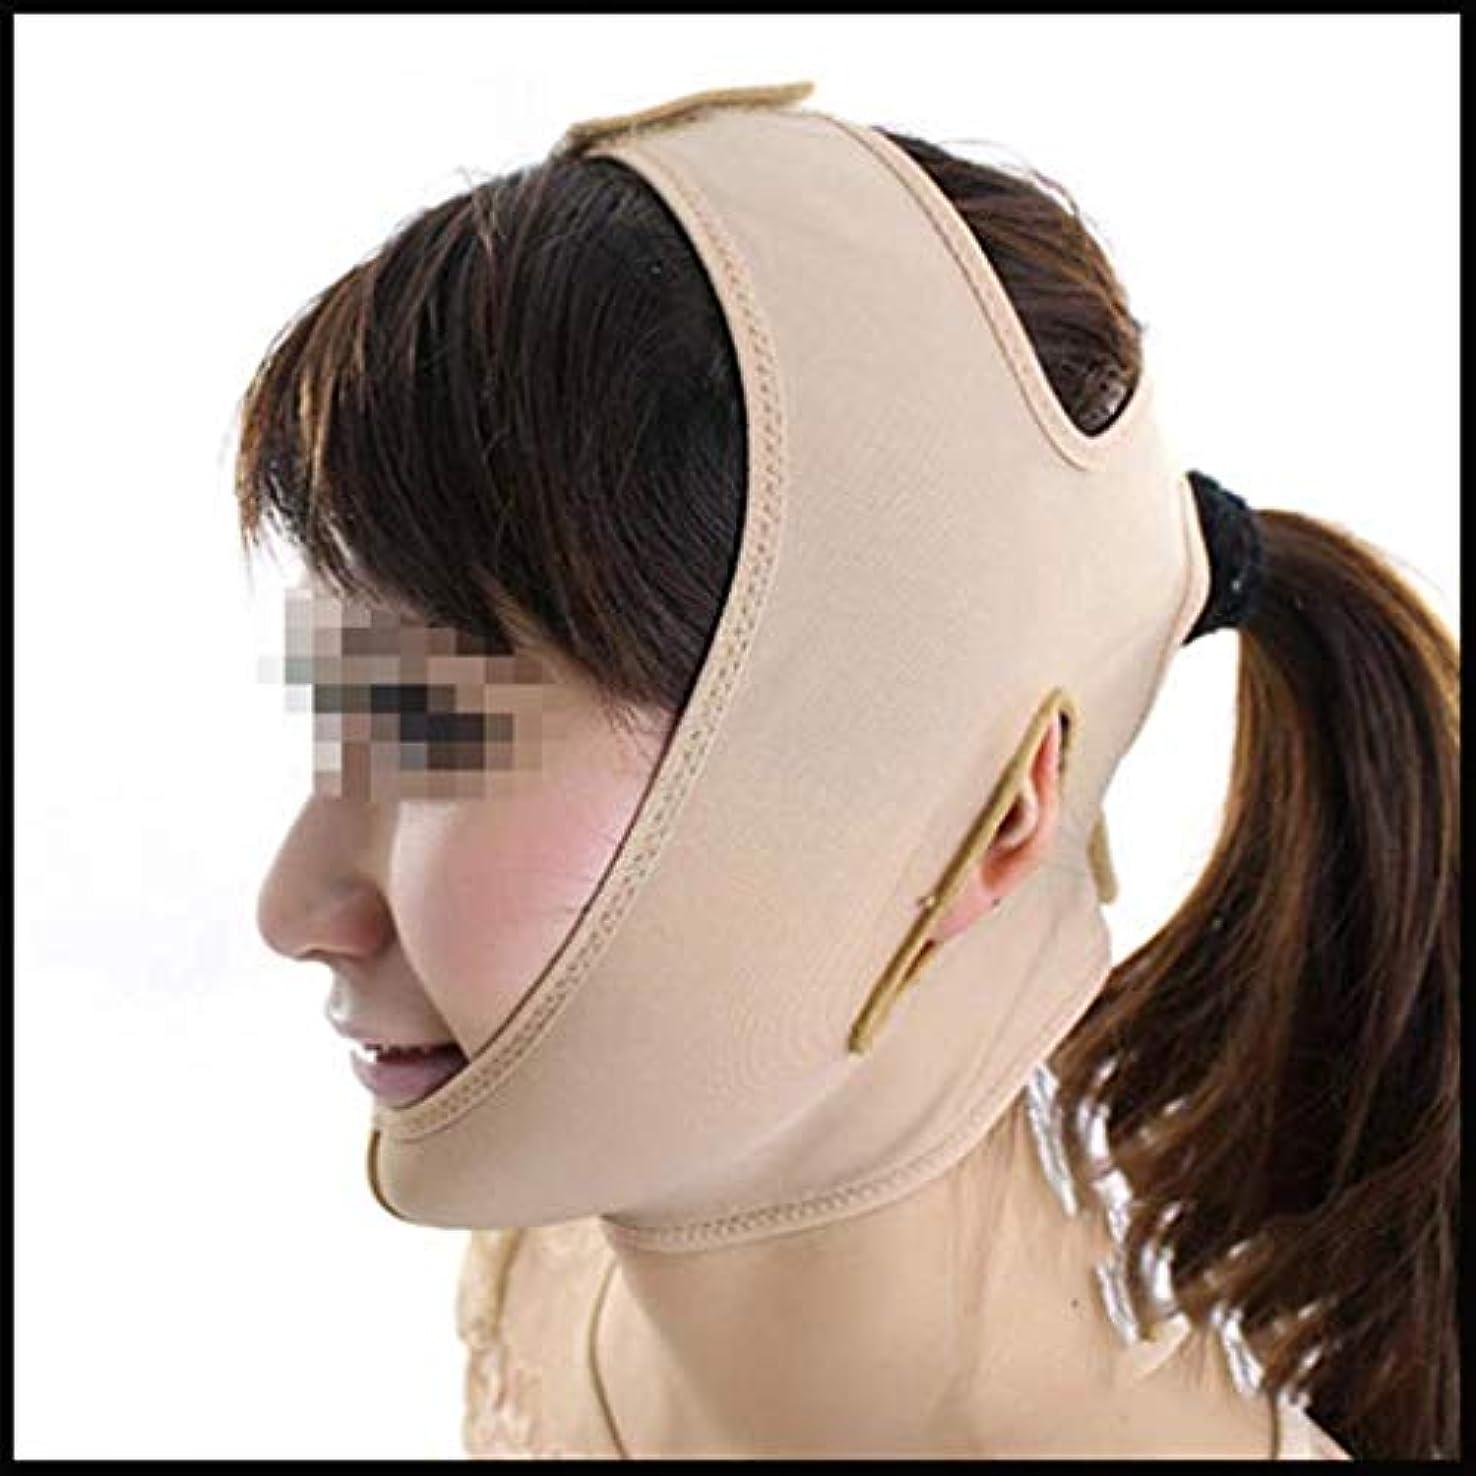 銀意識隠されたフェイスリフティングバンデージ、薄いフェイスマスク薄い咬筋マッスルチンスリープフェイスリフティングフェイス付きの薄いフェイスVフェイス薄いフェイスマスク(サイズ:L)